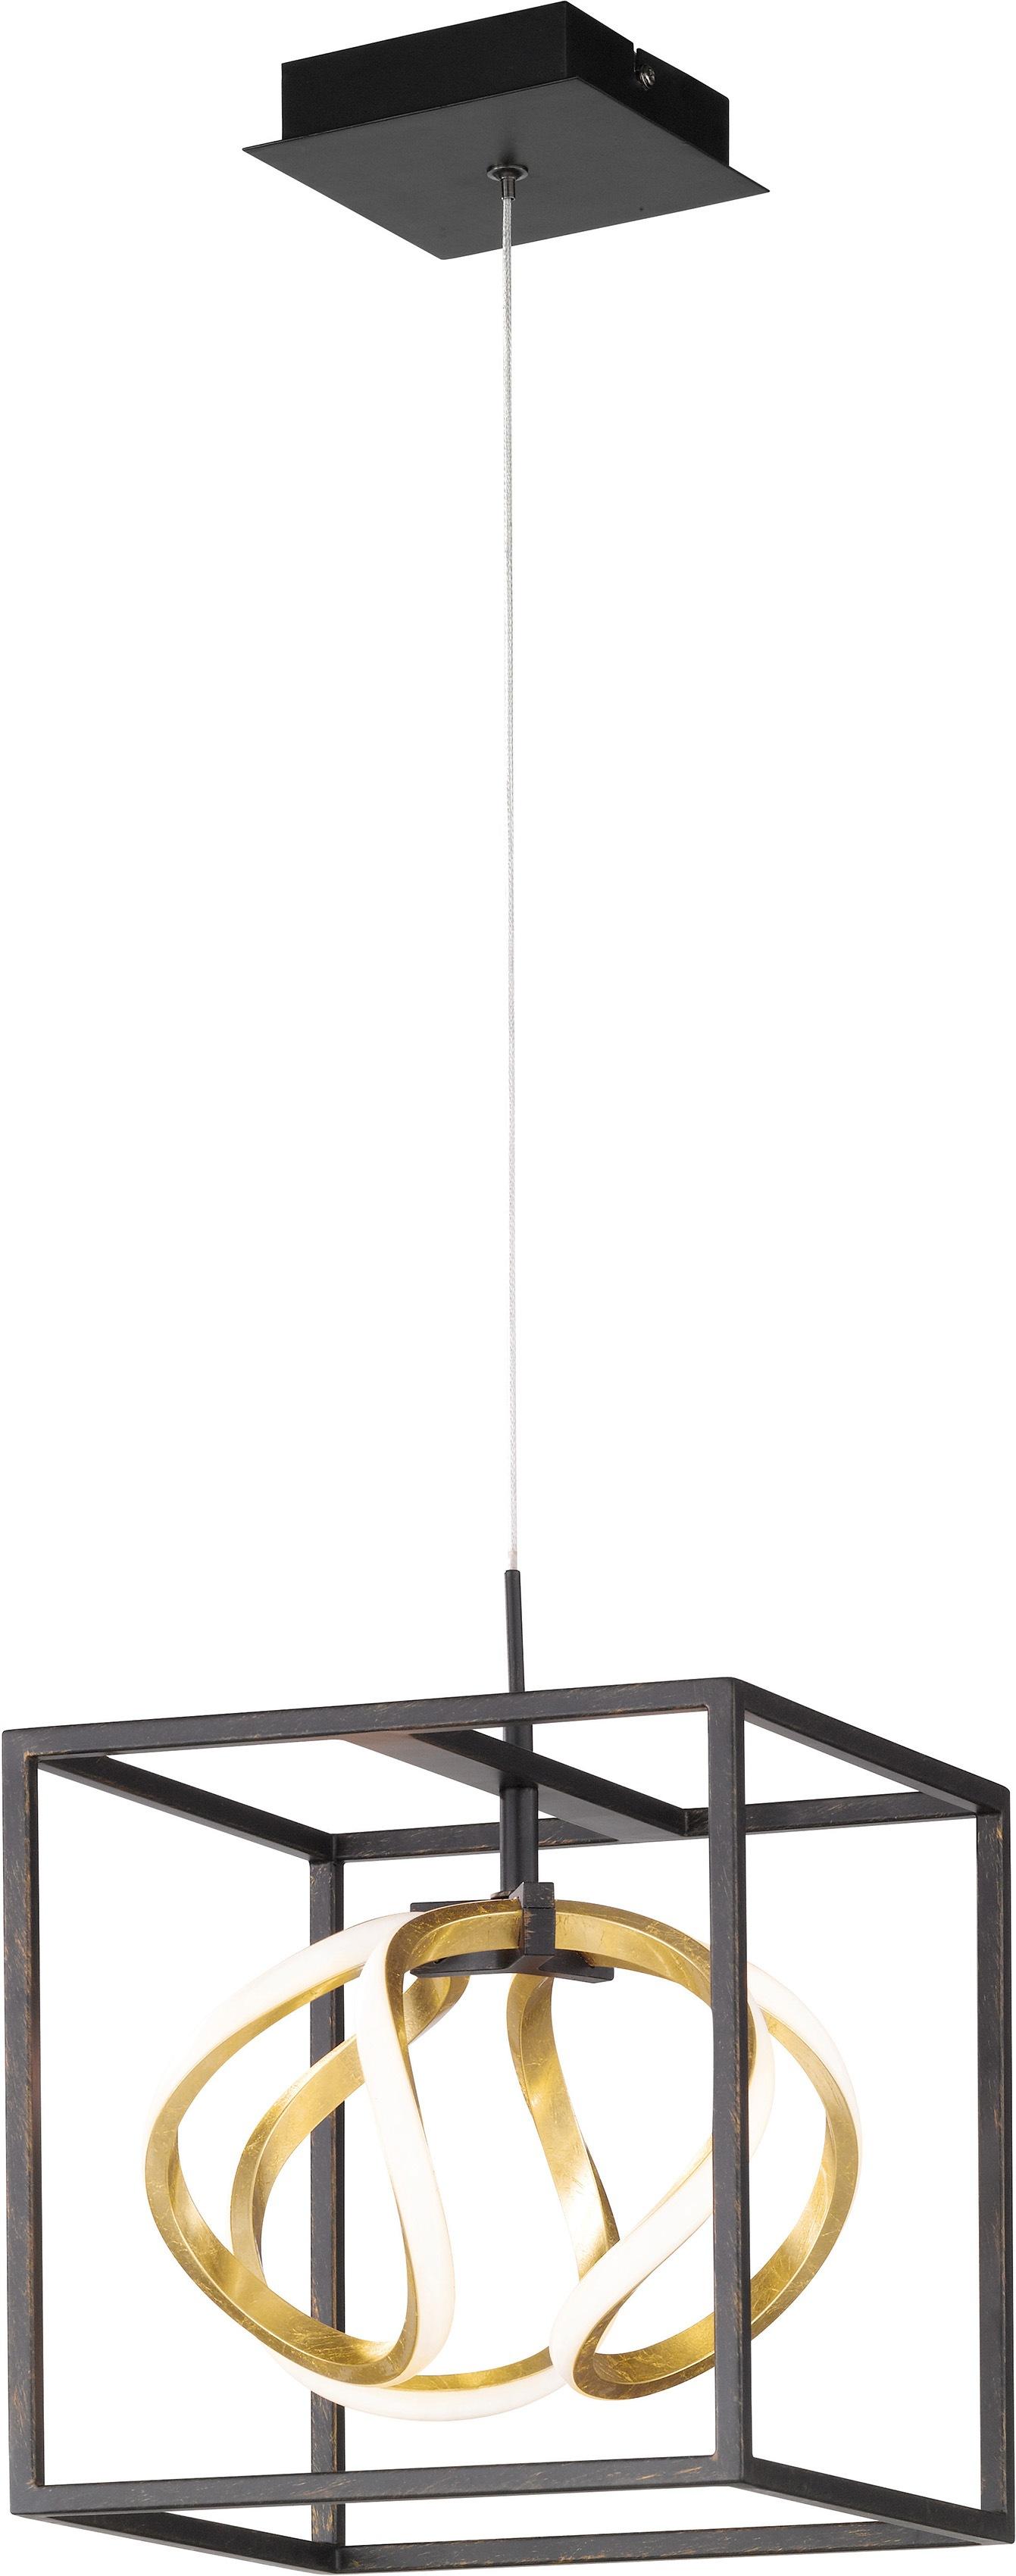 FISCHER & HONSEL LED Pendelleuchte Gesa, LED-Board, 1 St., Warmweiß